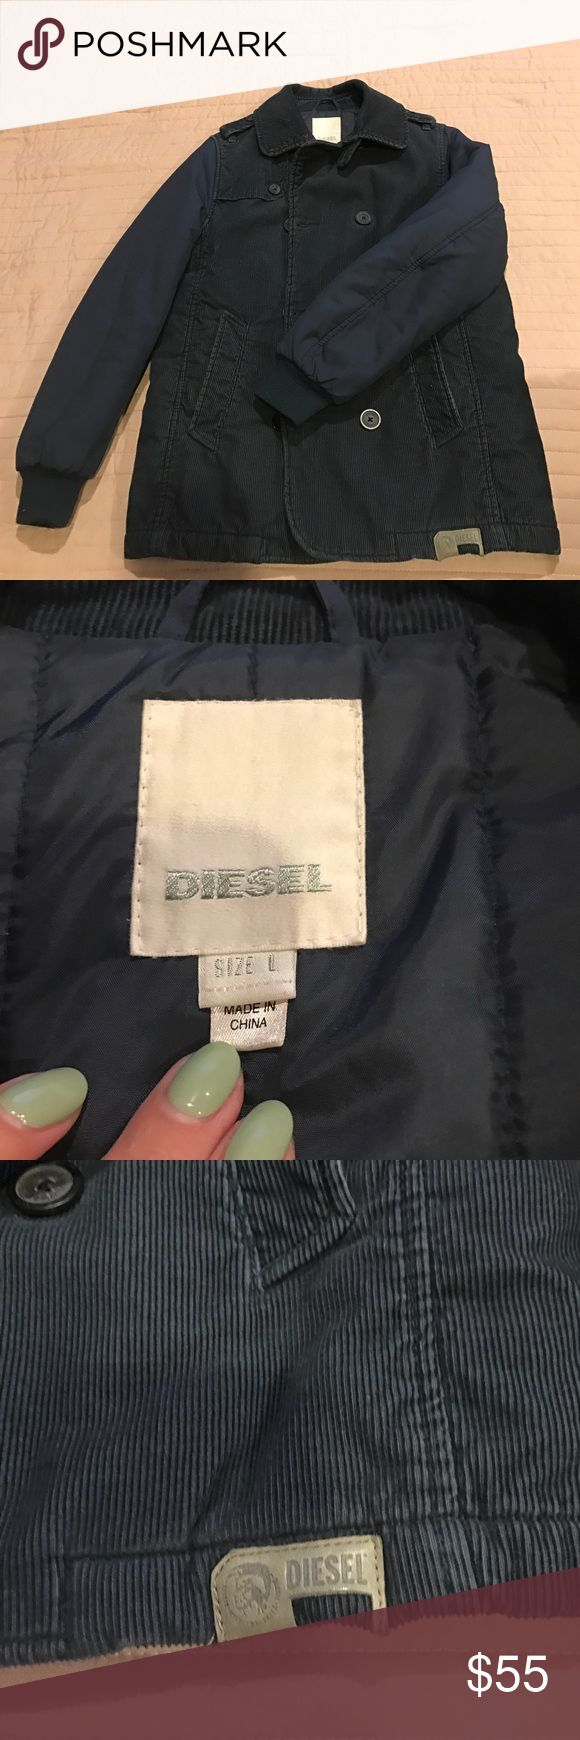 Boys Diesel coat sz L will fit (10/12yo) Boys Diesel coat sz L will fit (10/12yo) Diesel Jackets & Coats Pea Coats